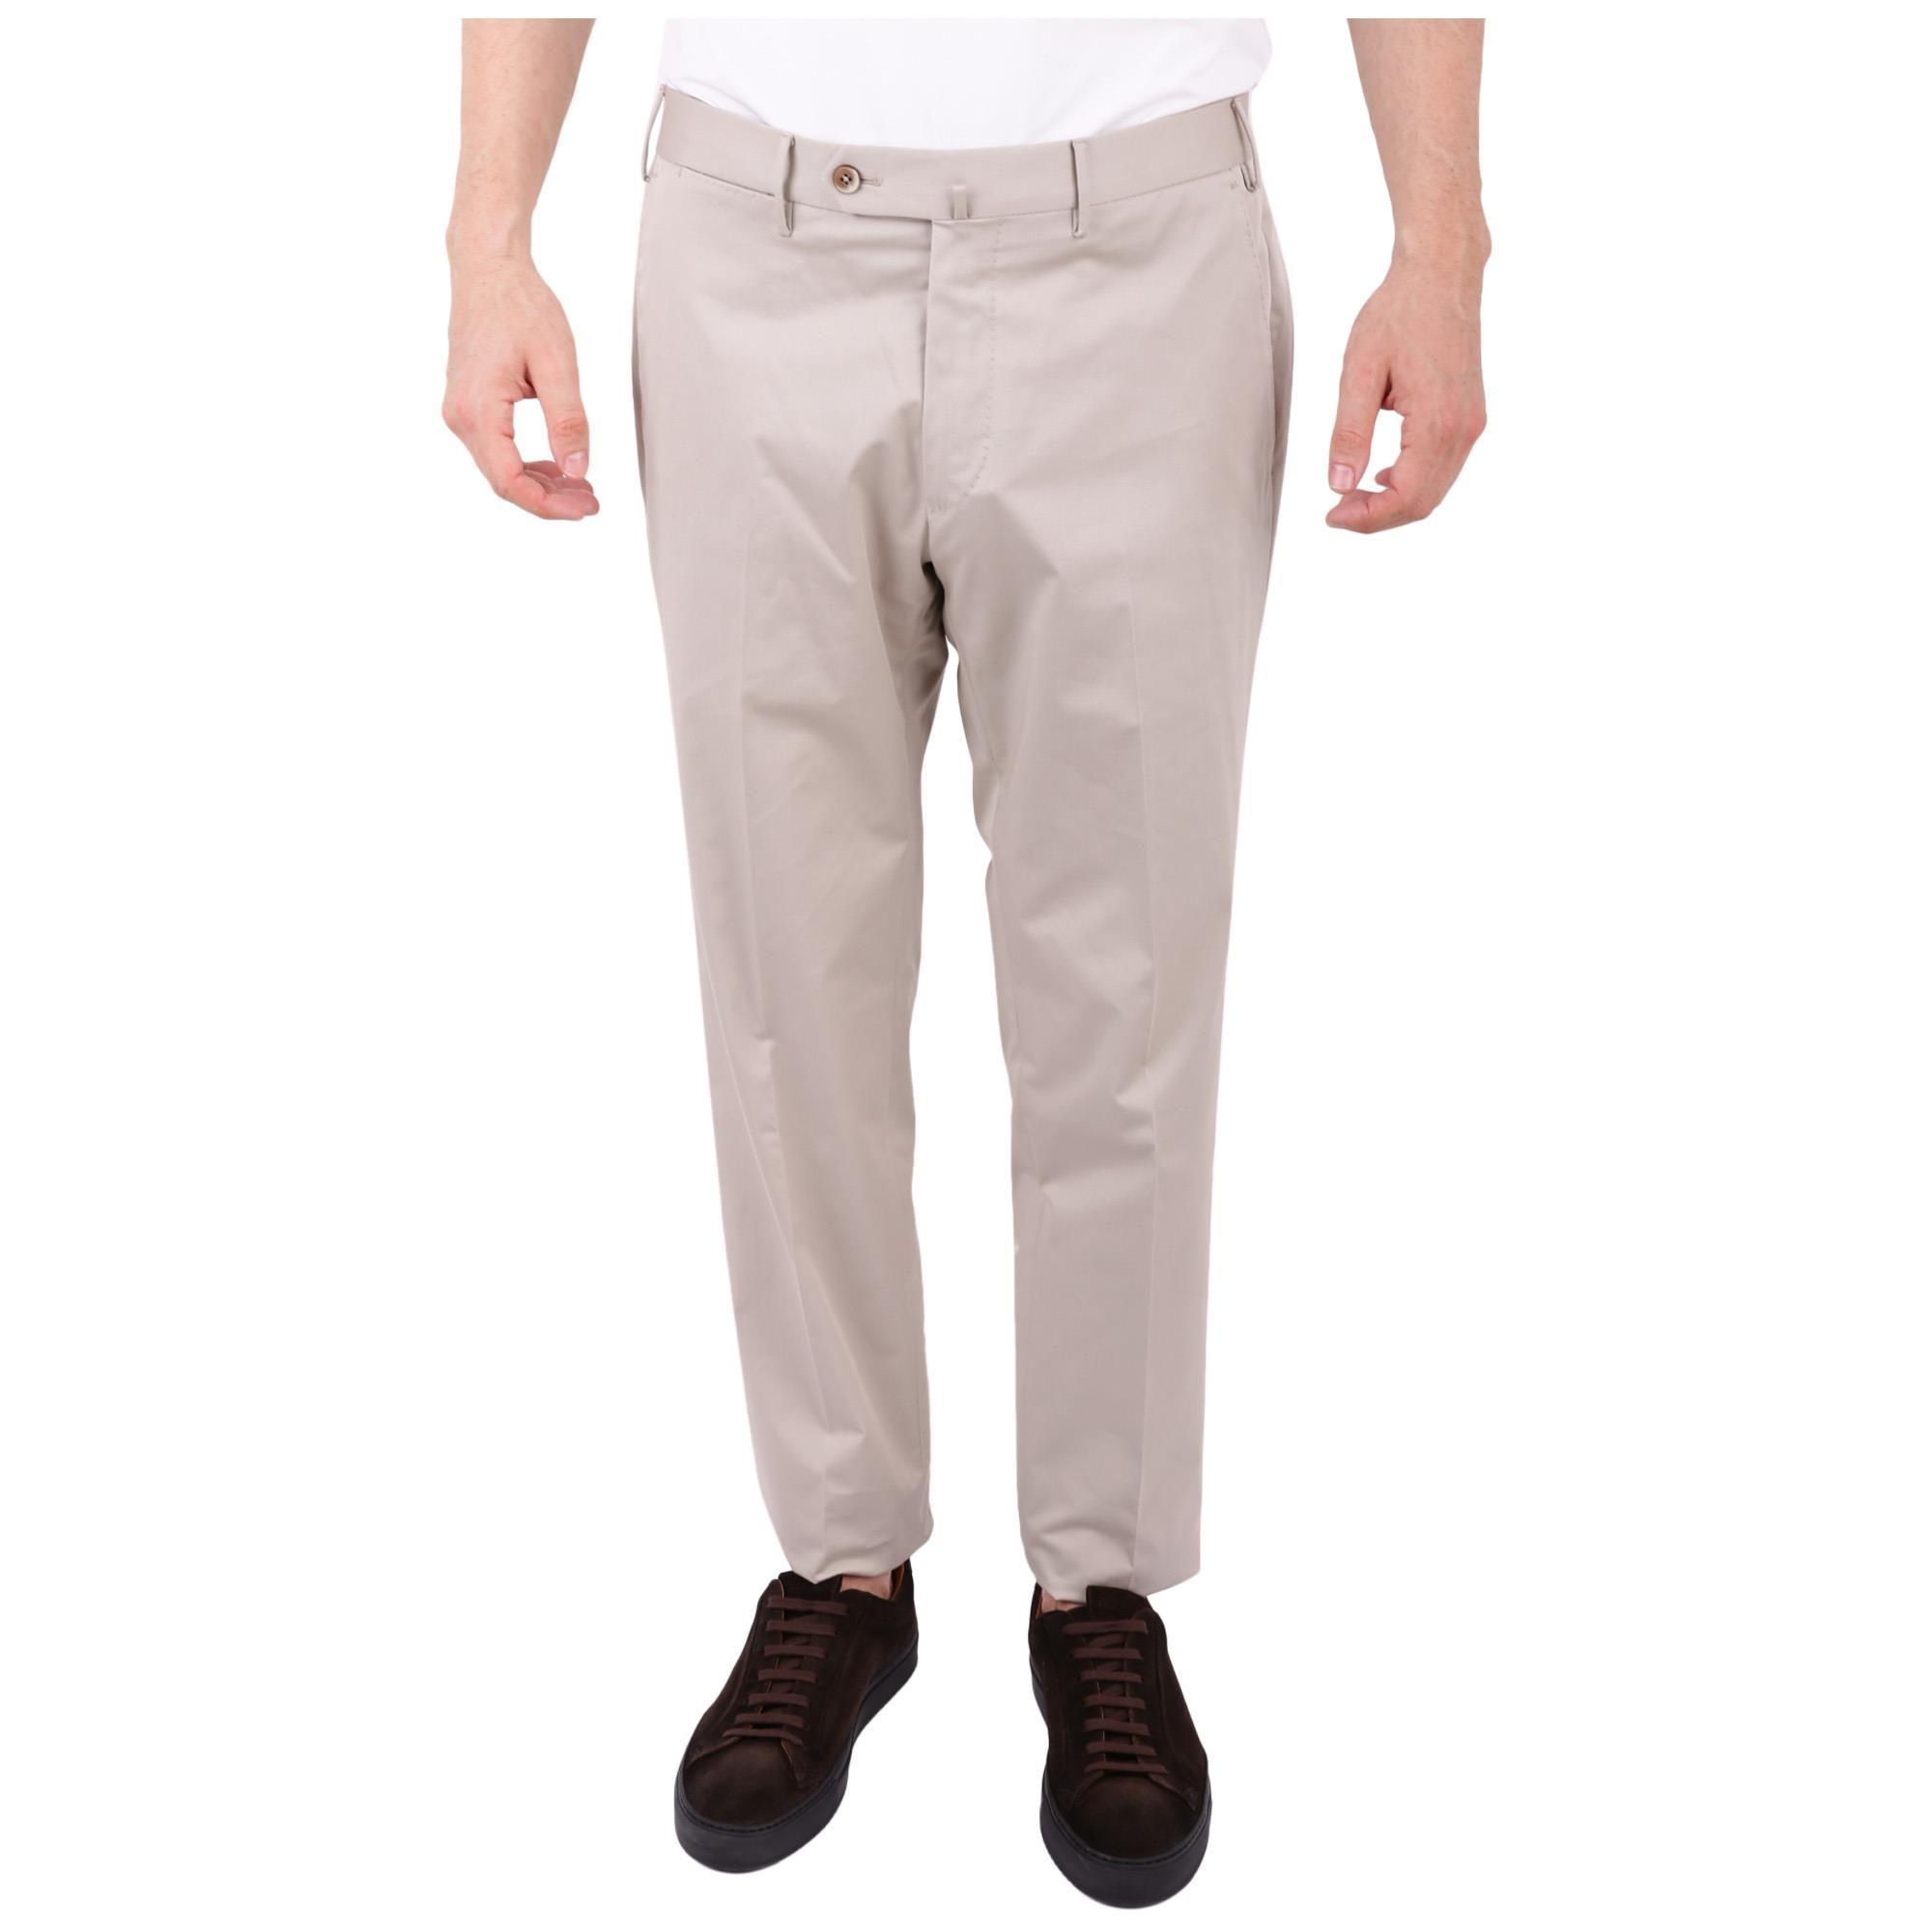 PT01 MEN'S CONS01ZT0CLAMP280020 BEIGE COTTON PANTS